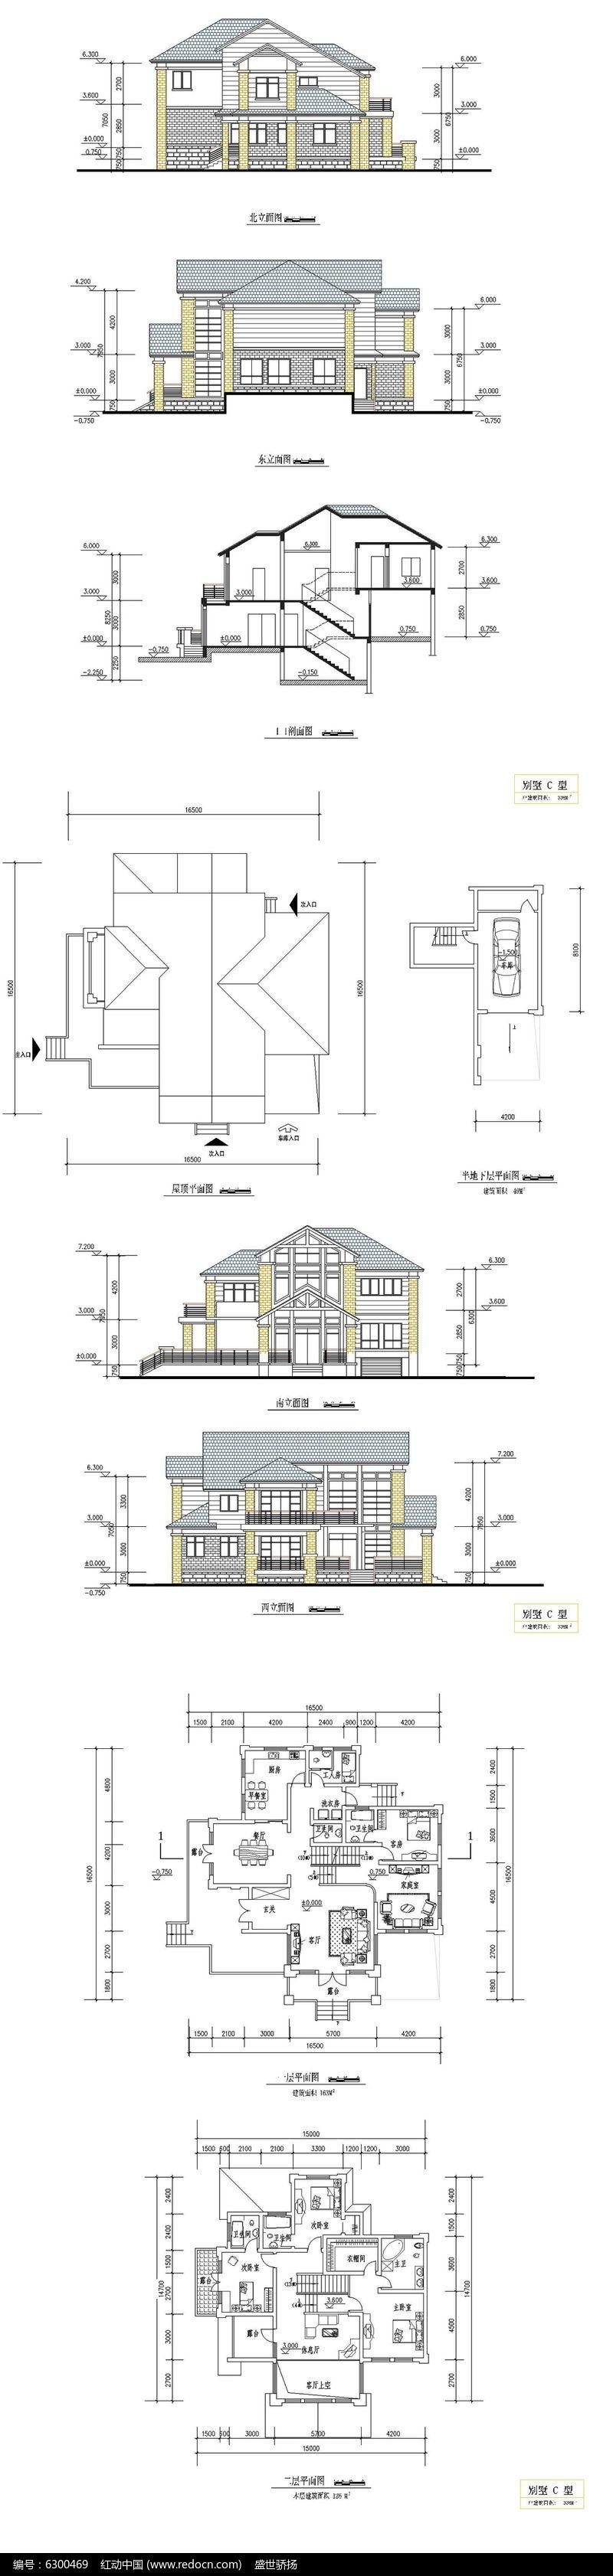 欧式别墅设计图纸图片